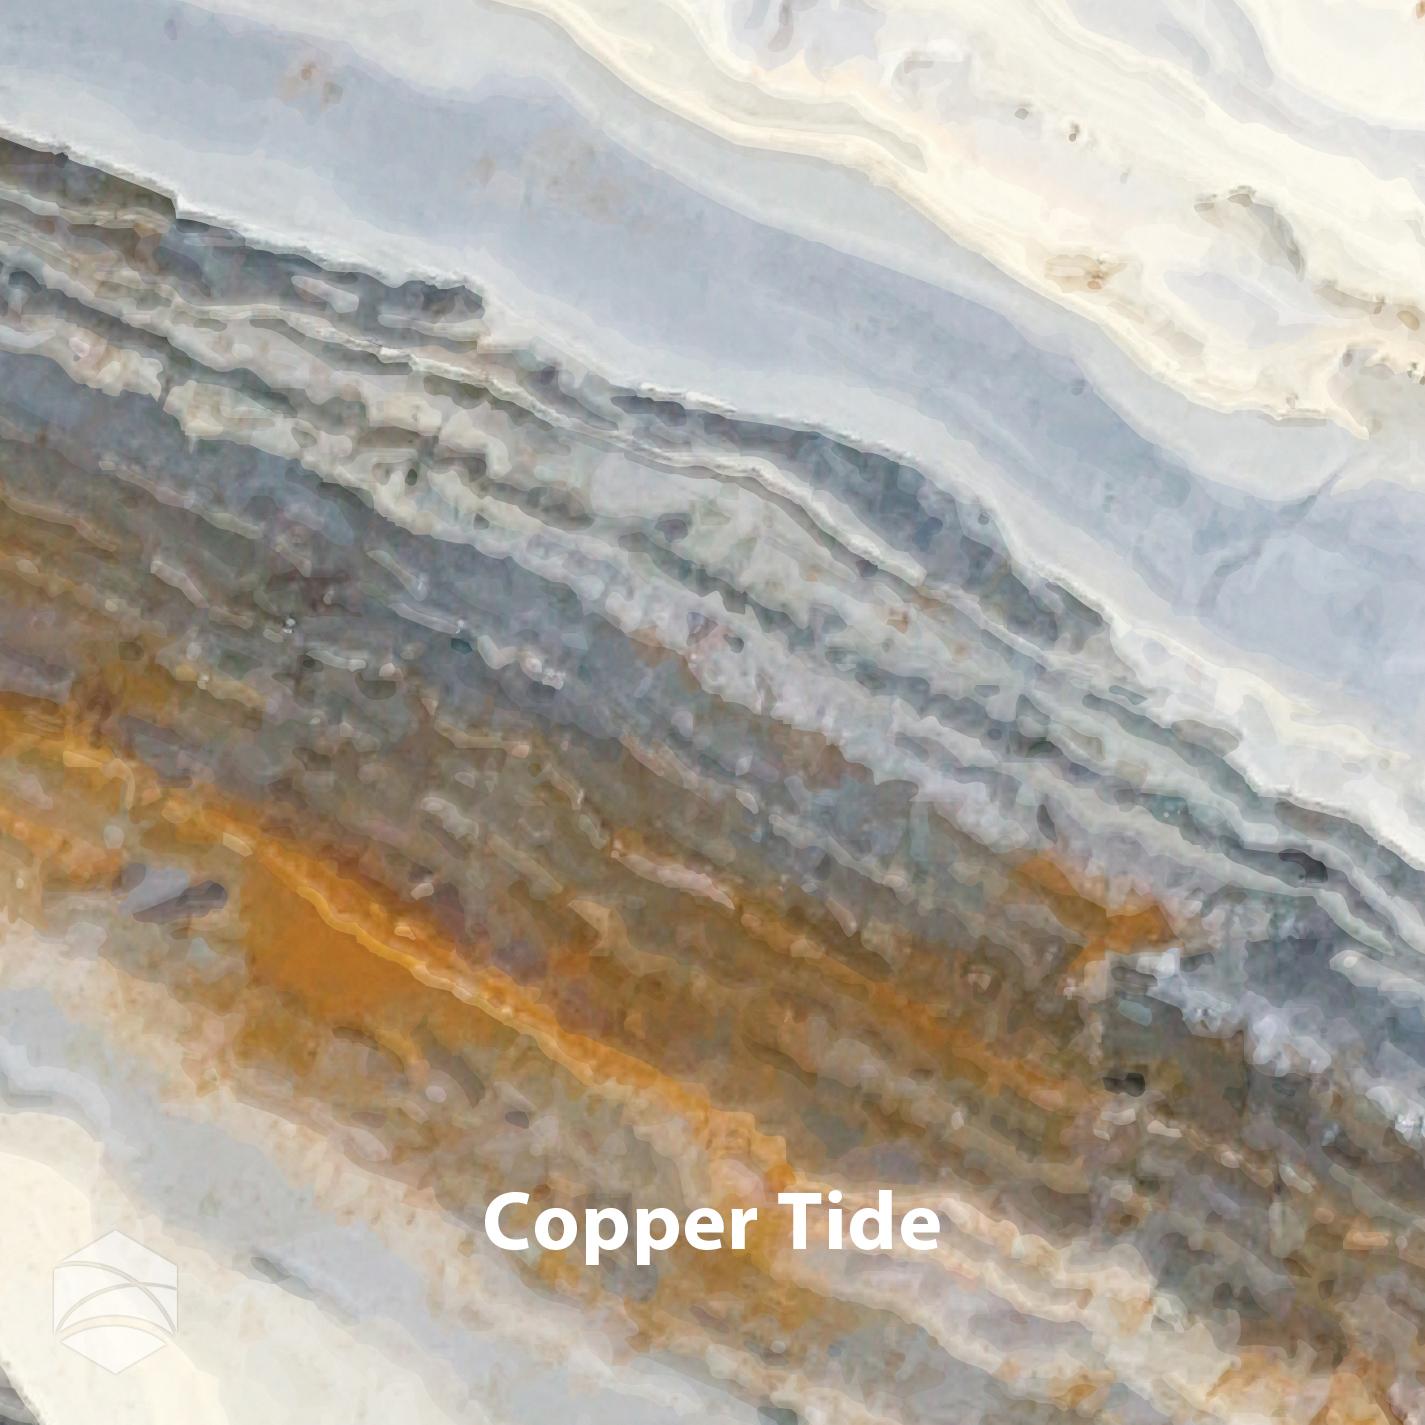 Copper Tide_V2_14x14.jpg